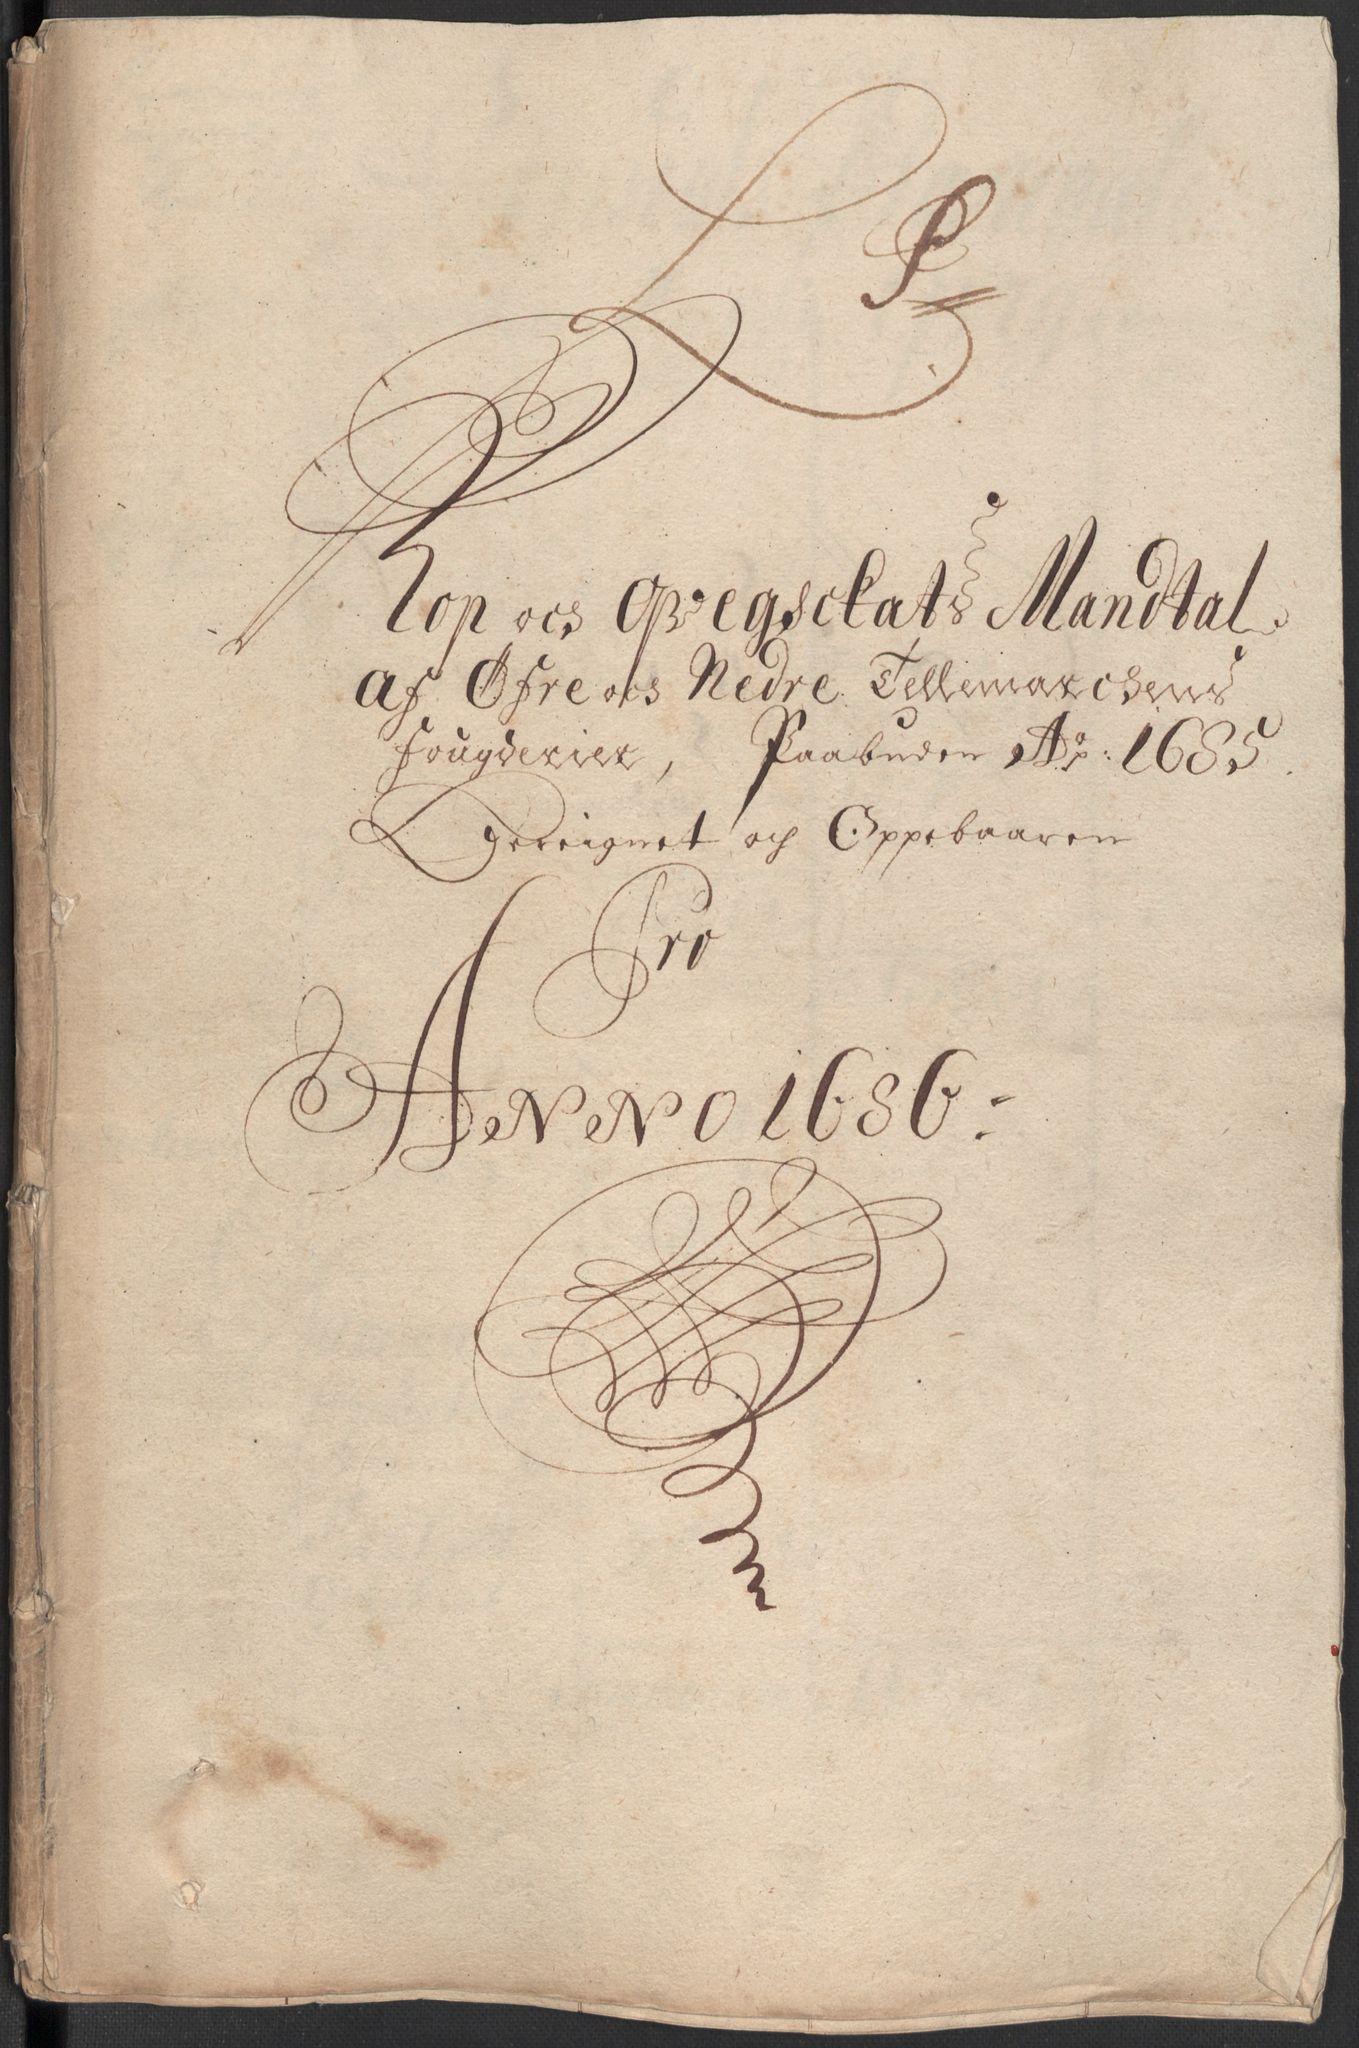 RA, Rentekammeret inntil 1814, Reviderte regnskaper, Fogderegnskap, R35/L2083: Fogderegnskap Øvre og Nedre Telemark, 1686, s. 322